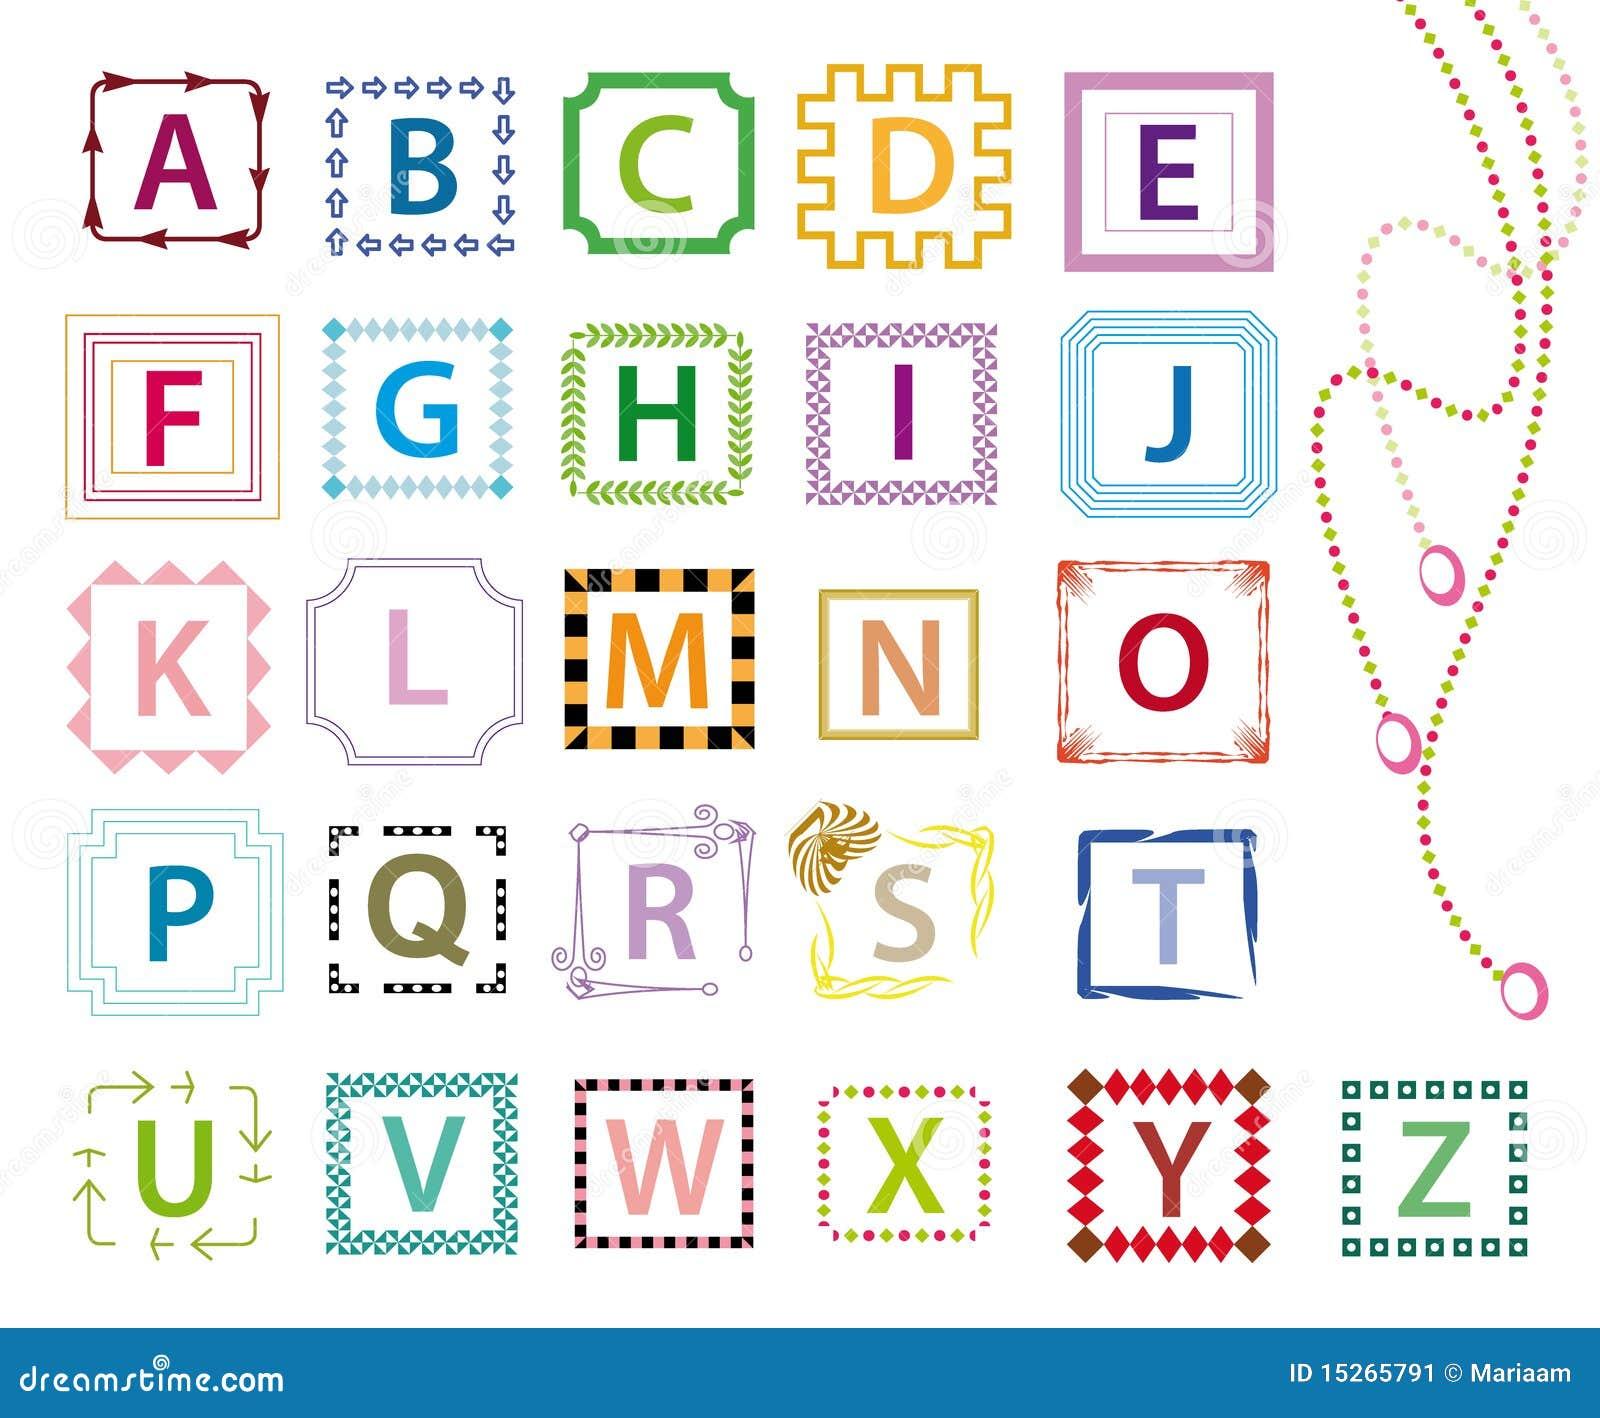 letras goticas para nicks: